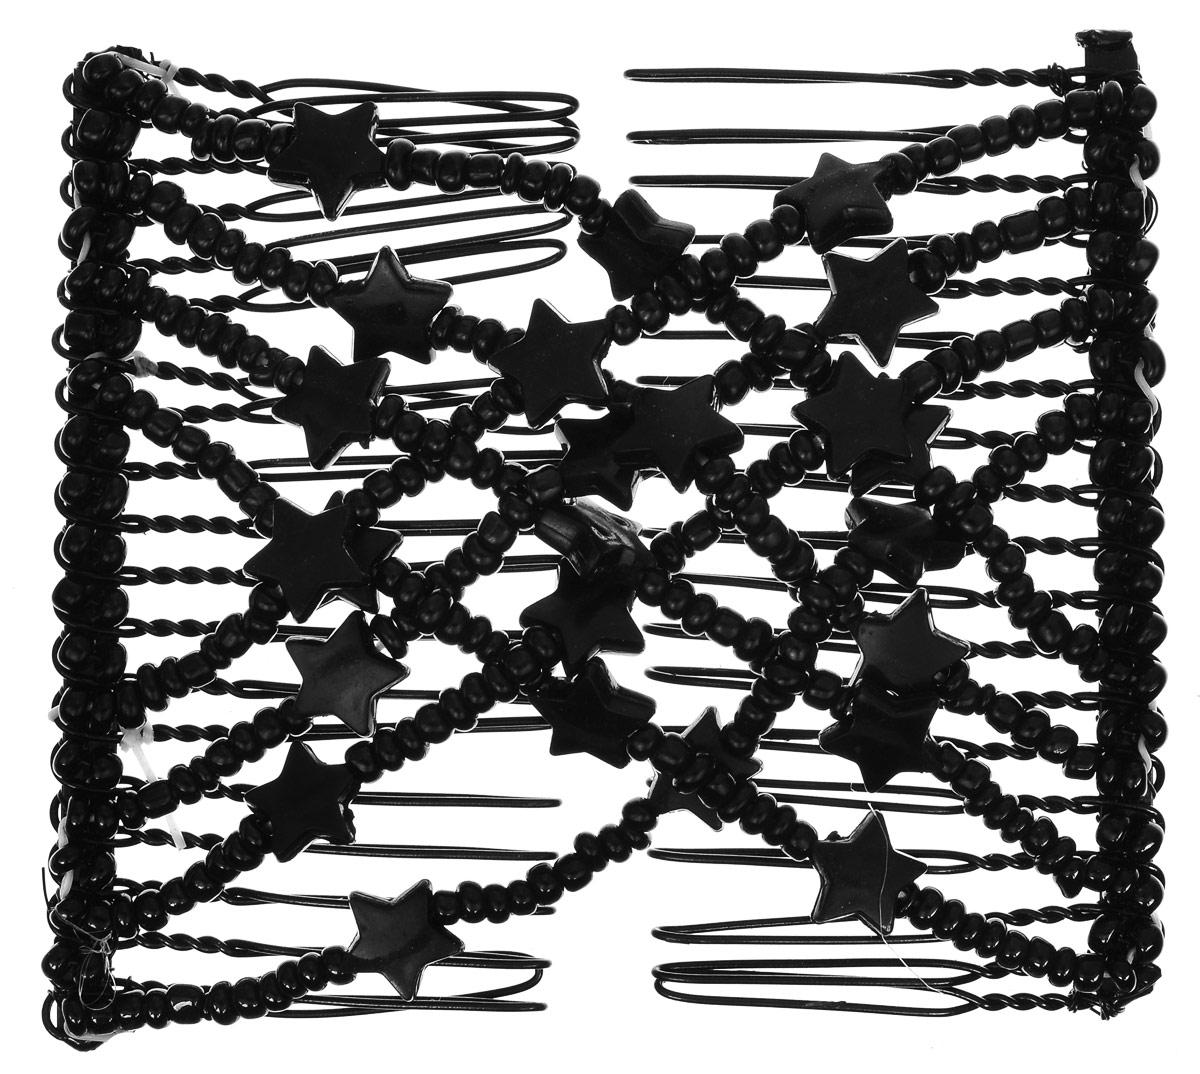 EZ-Combs Заколка Изи-Комбс, одинарная, цвет: черный. ЗИО_черный, звездыЗИО_черный, звездыEZ-Combs Заколка Изи-Комбс, одинарная, цвет: черный. ЗИО_черный, звезды